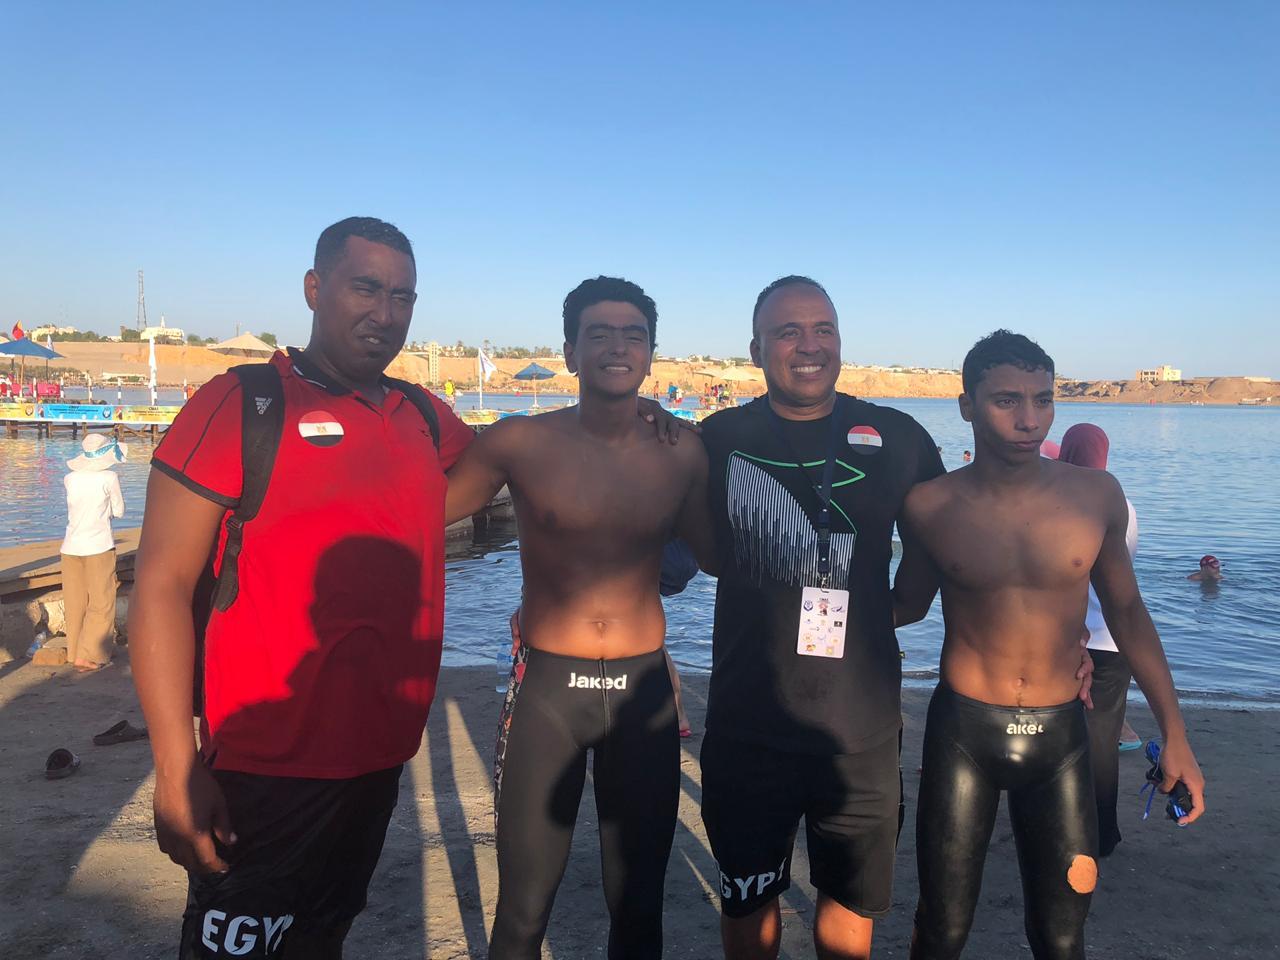 المنتخب الوطنى للسباحة بالزعانف (1)